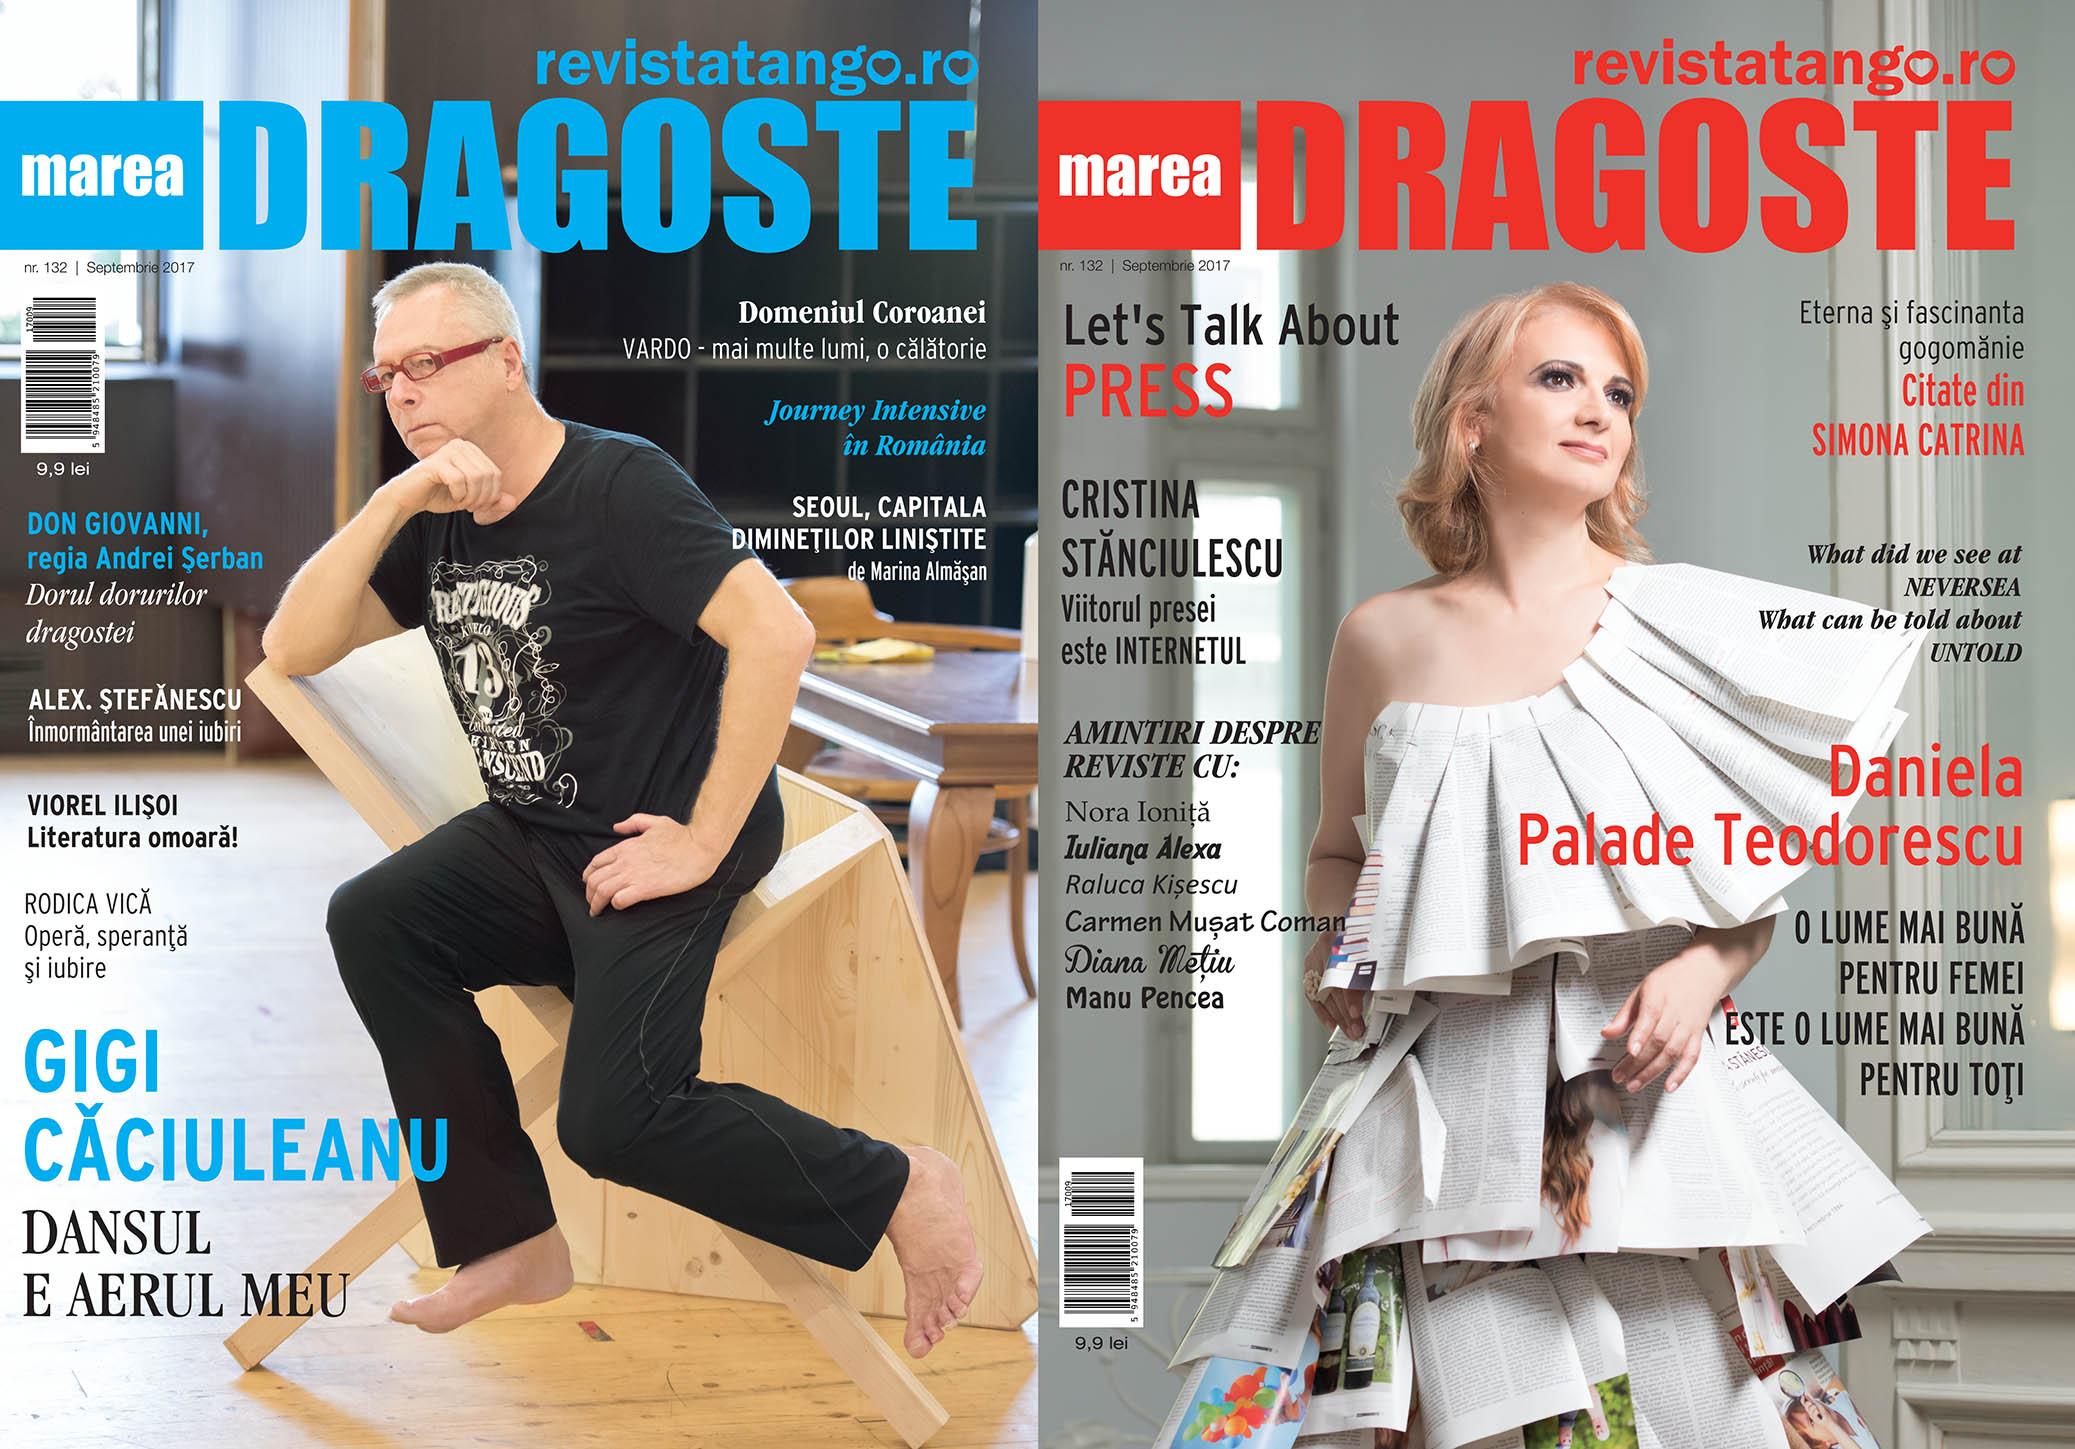 Gigi Caciuleanu si Daniela Palade Teodorescu pe copertele Marea Dragoste-revistatango.ro, nr. 132, septembrie 2017